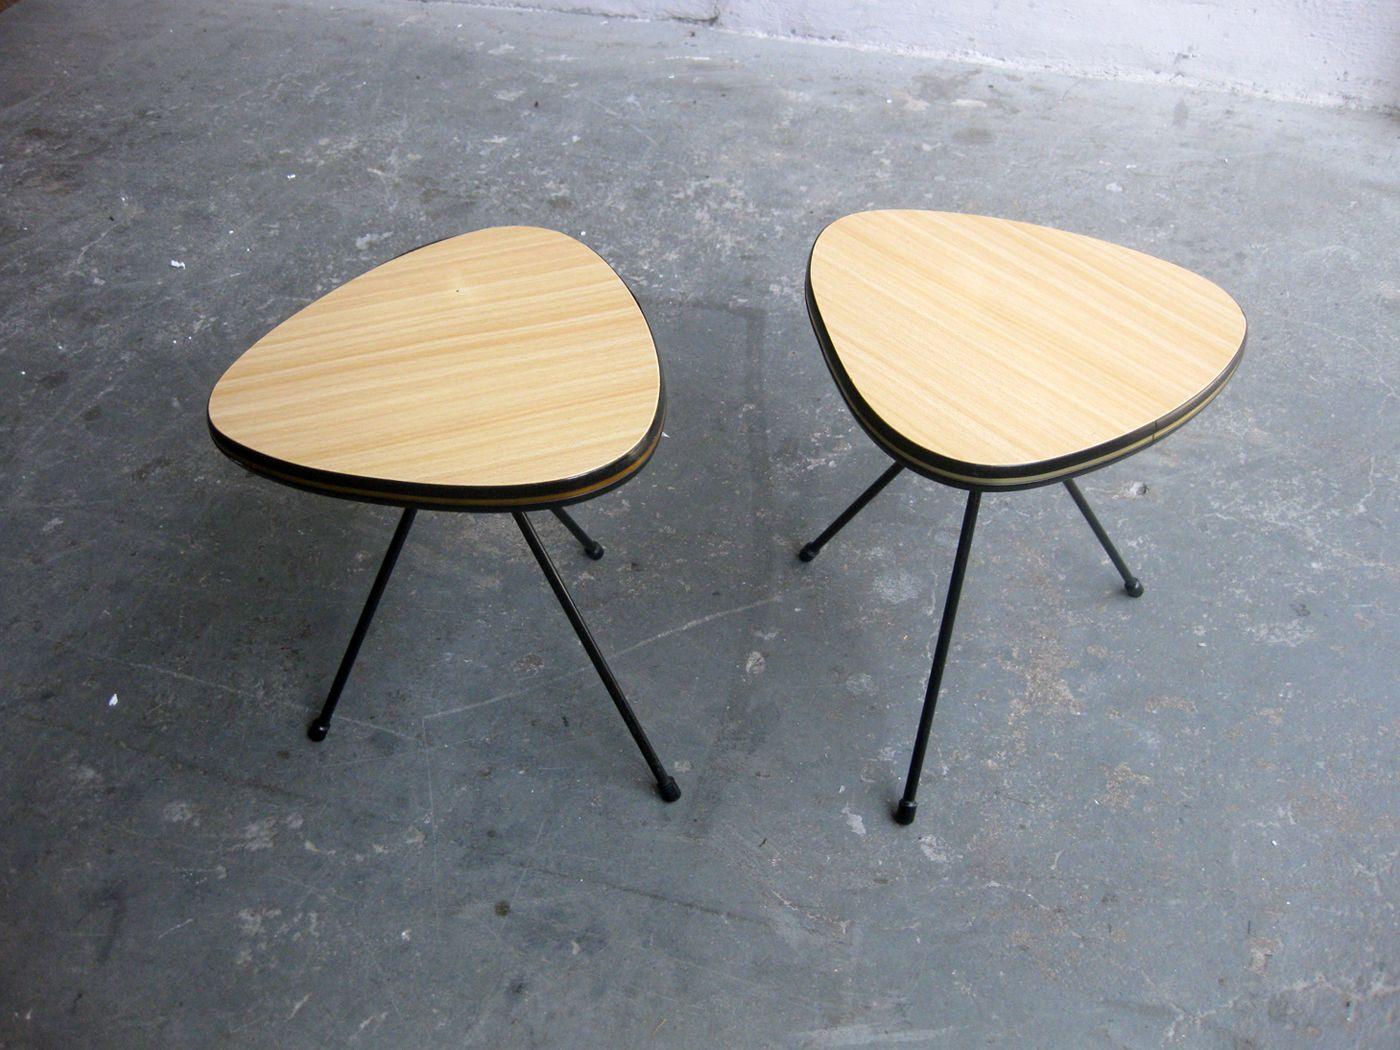 kleine franz sische beistelltische 2er set bei pamono kaufen. Black Bedroom Furniture Sets. Home Design Ideas